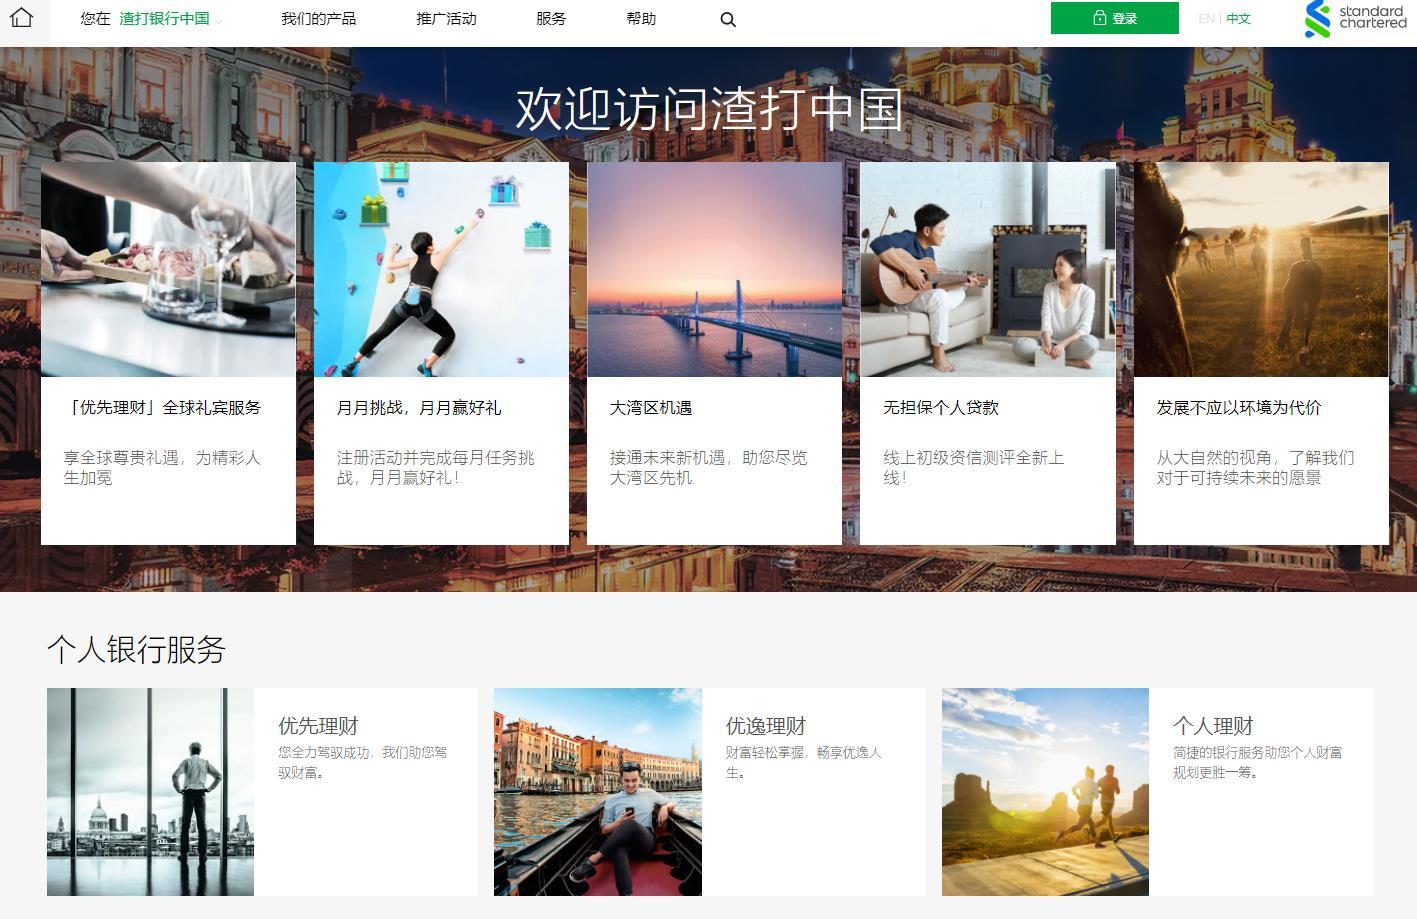 渣打银行(sc)中国官网